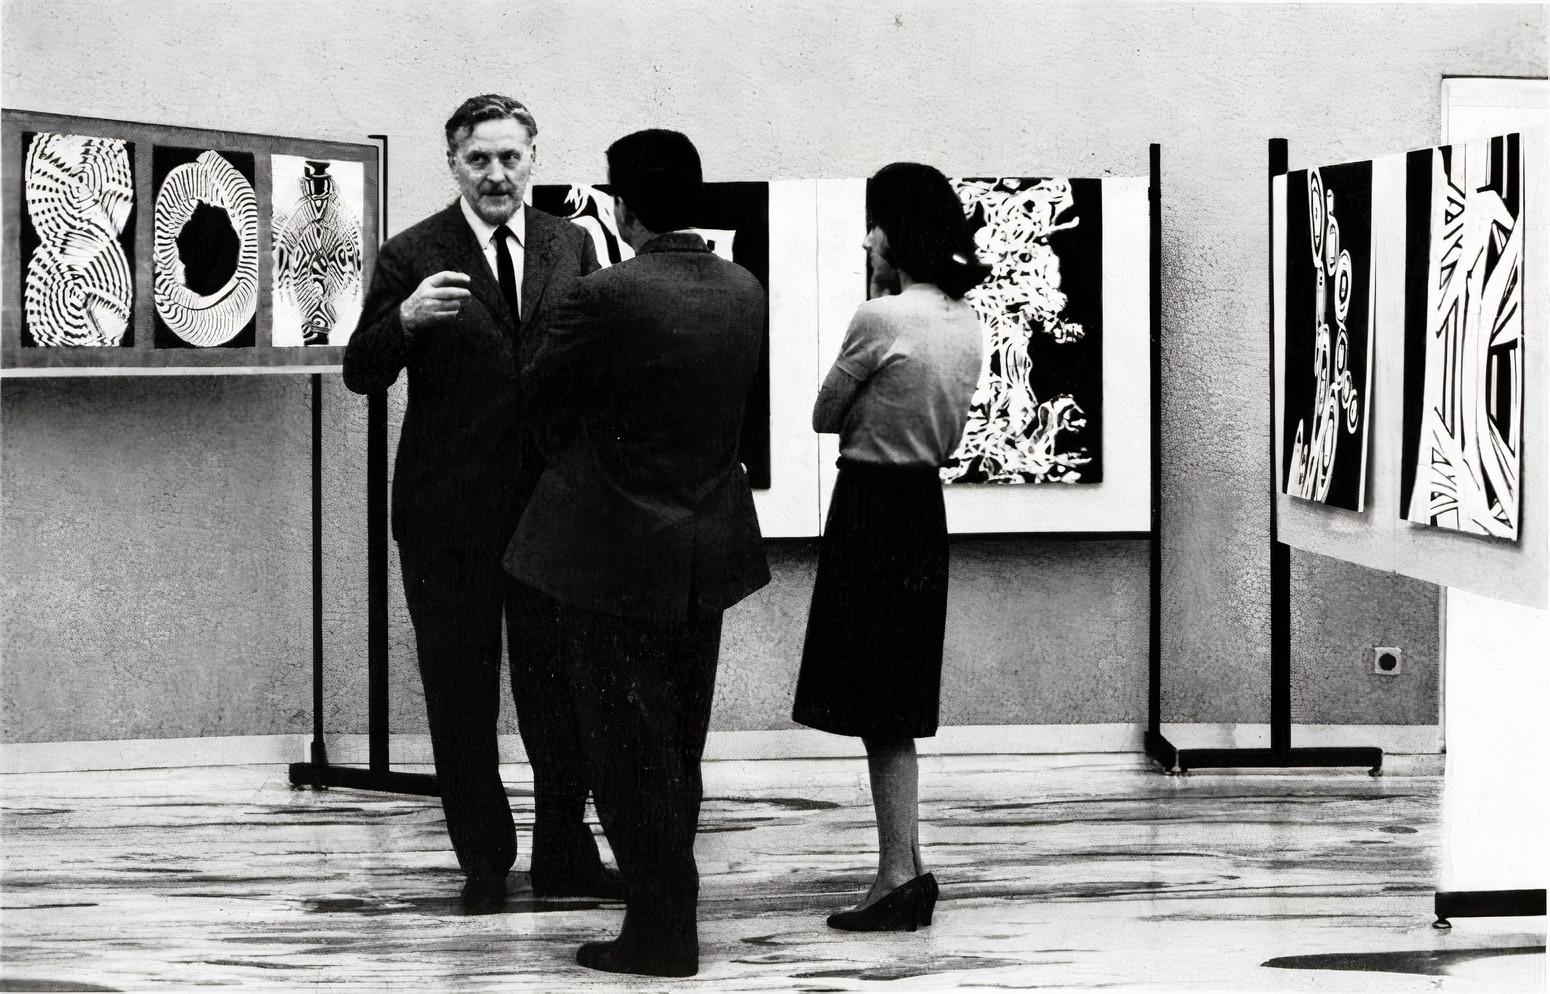 Franco Grignani, Grattacielo Pirelli, 1967